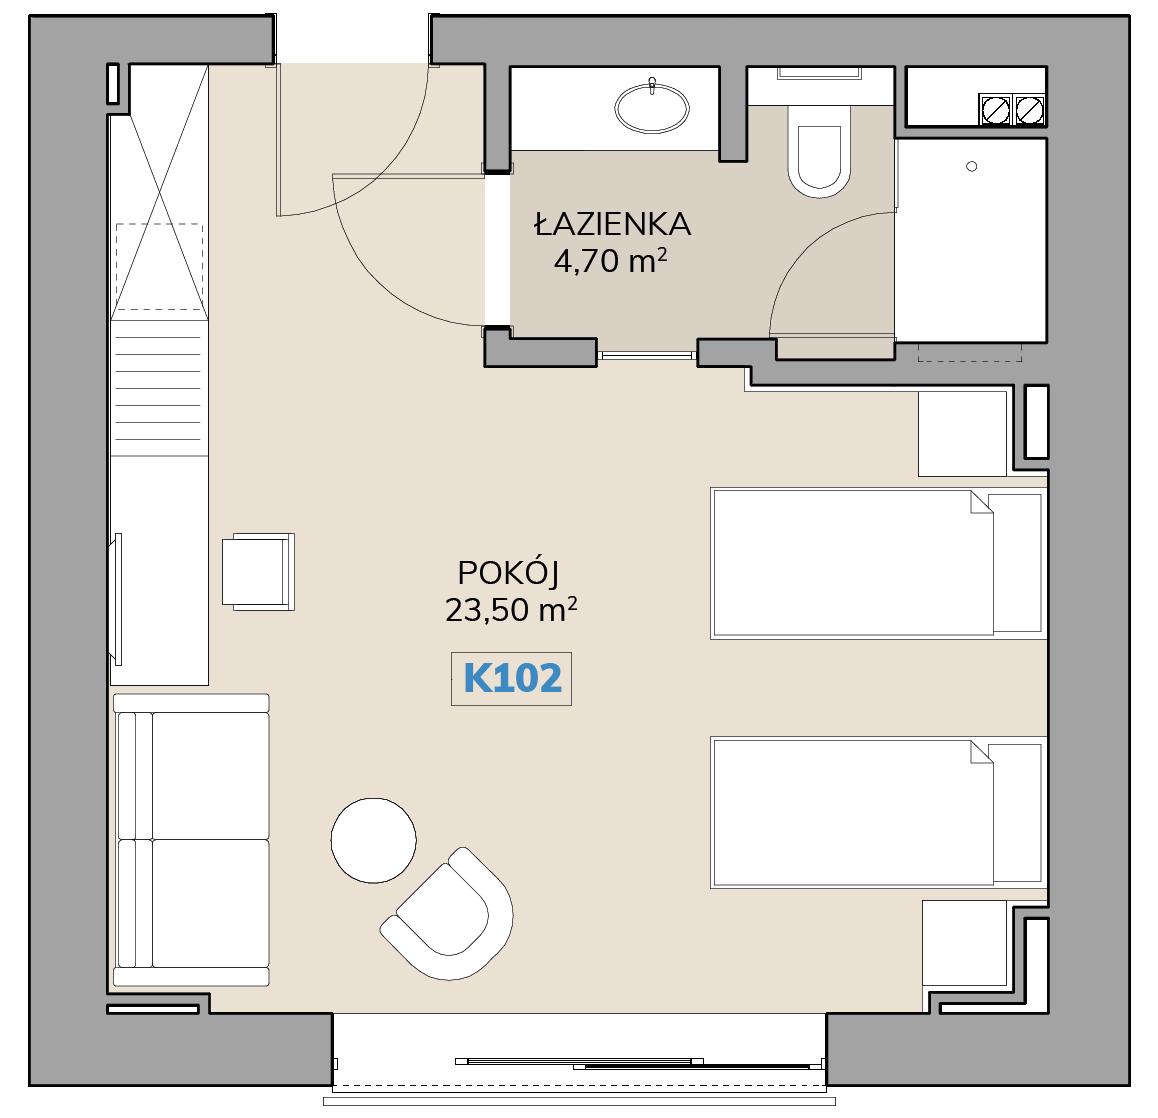 Apartament K102